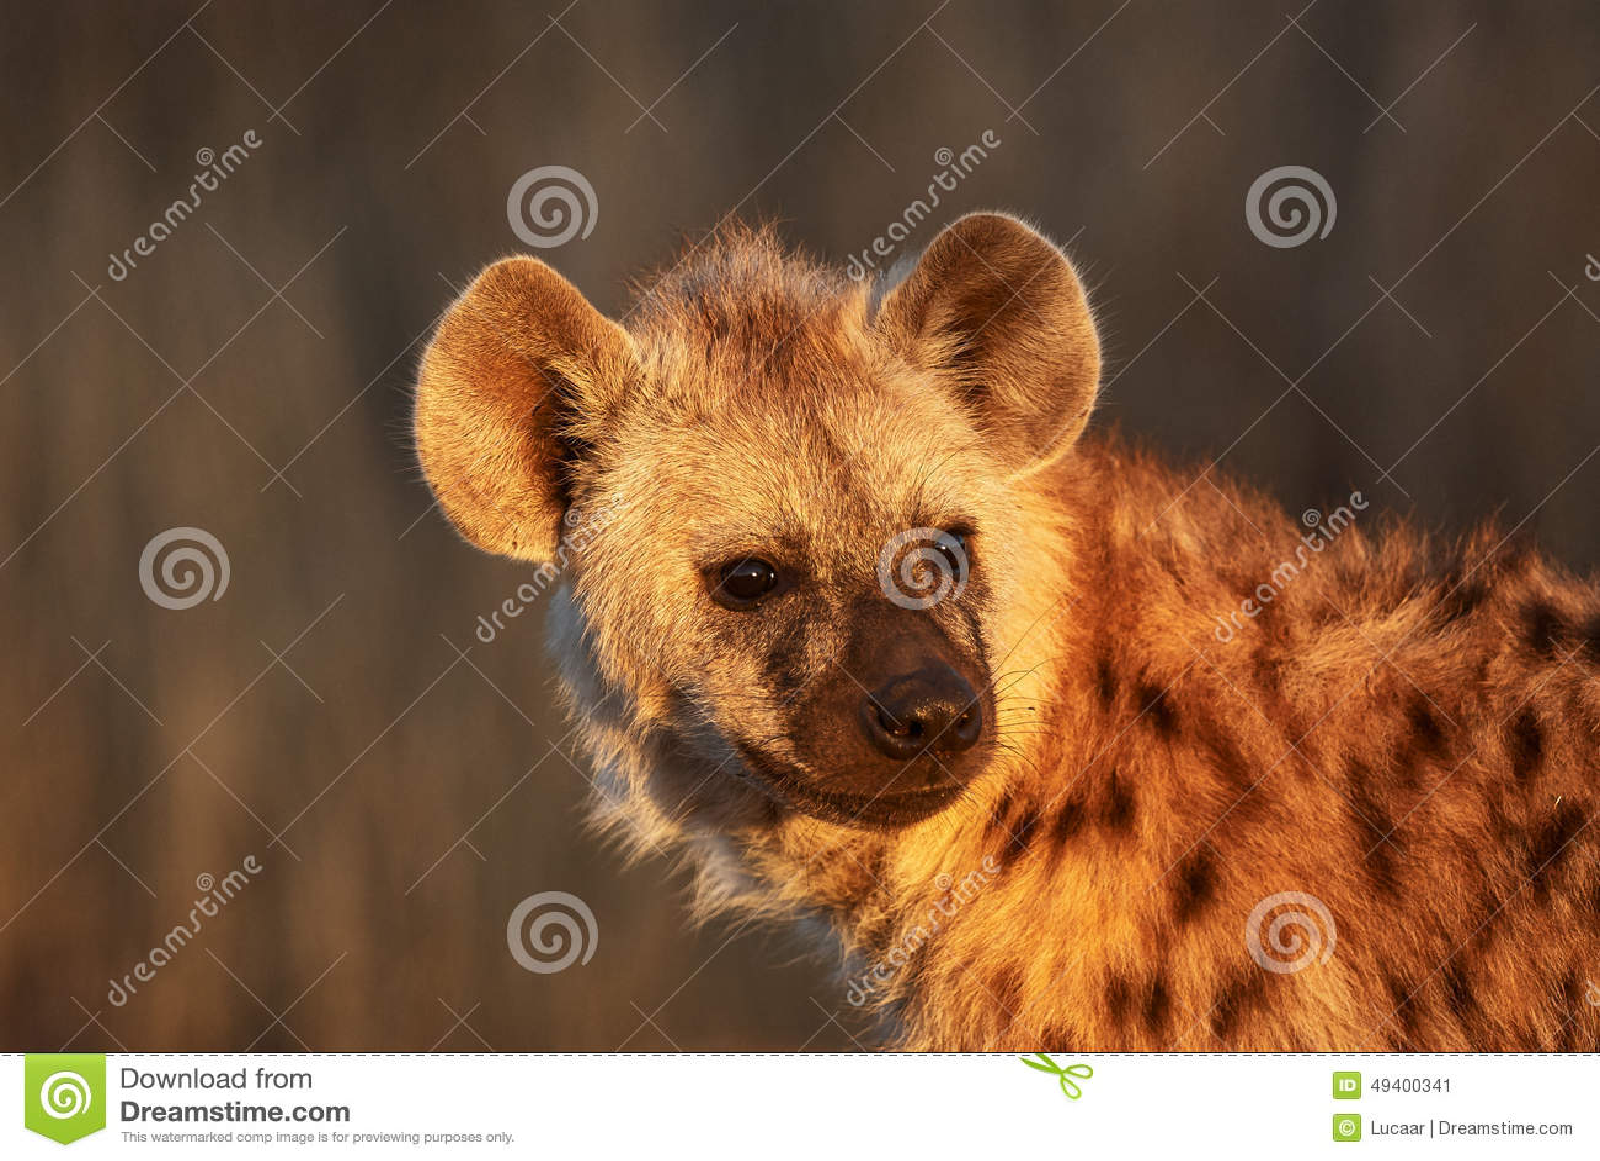 Download Hyänenjungsporträt stockbild. Bild von braun, nave, jung - 49400341